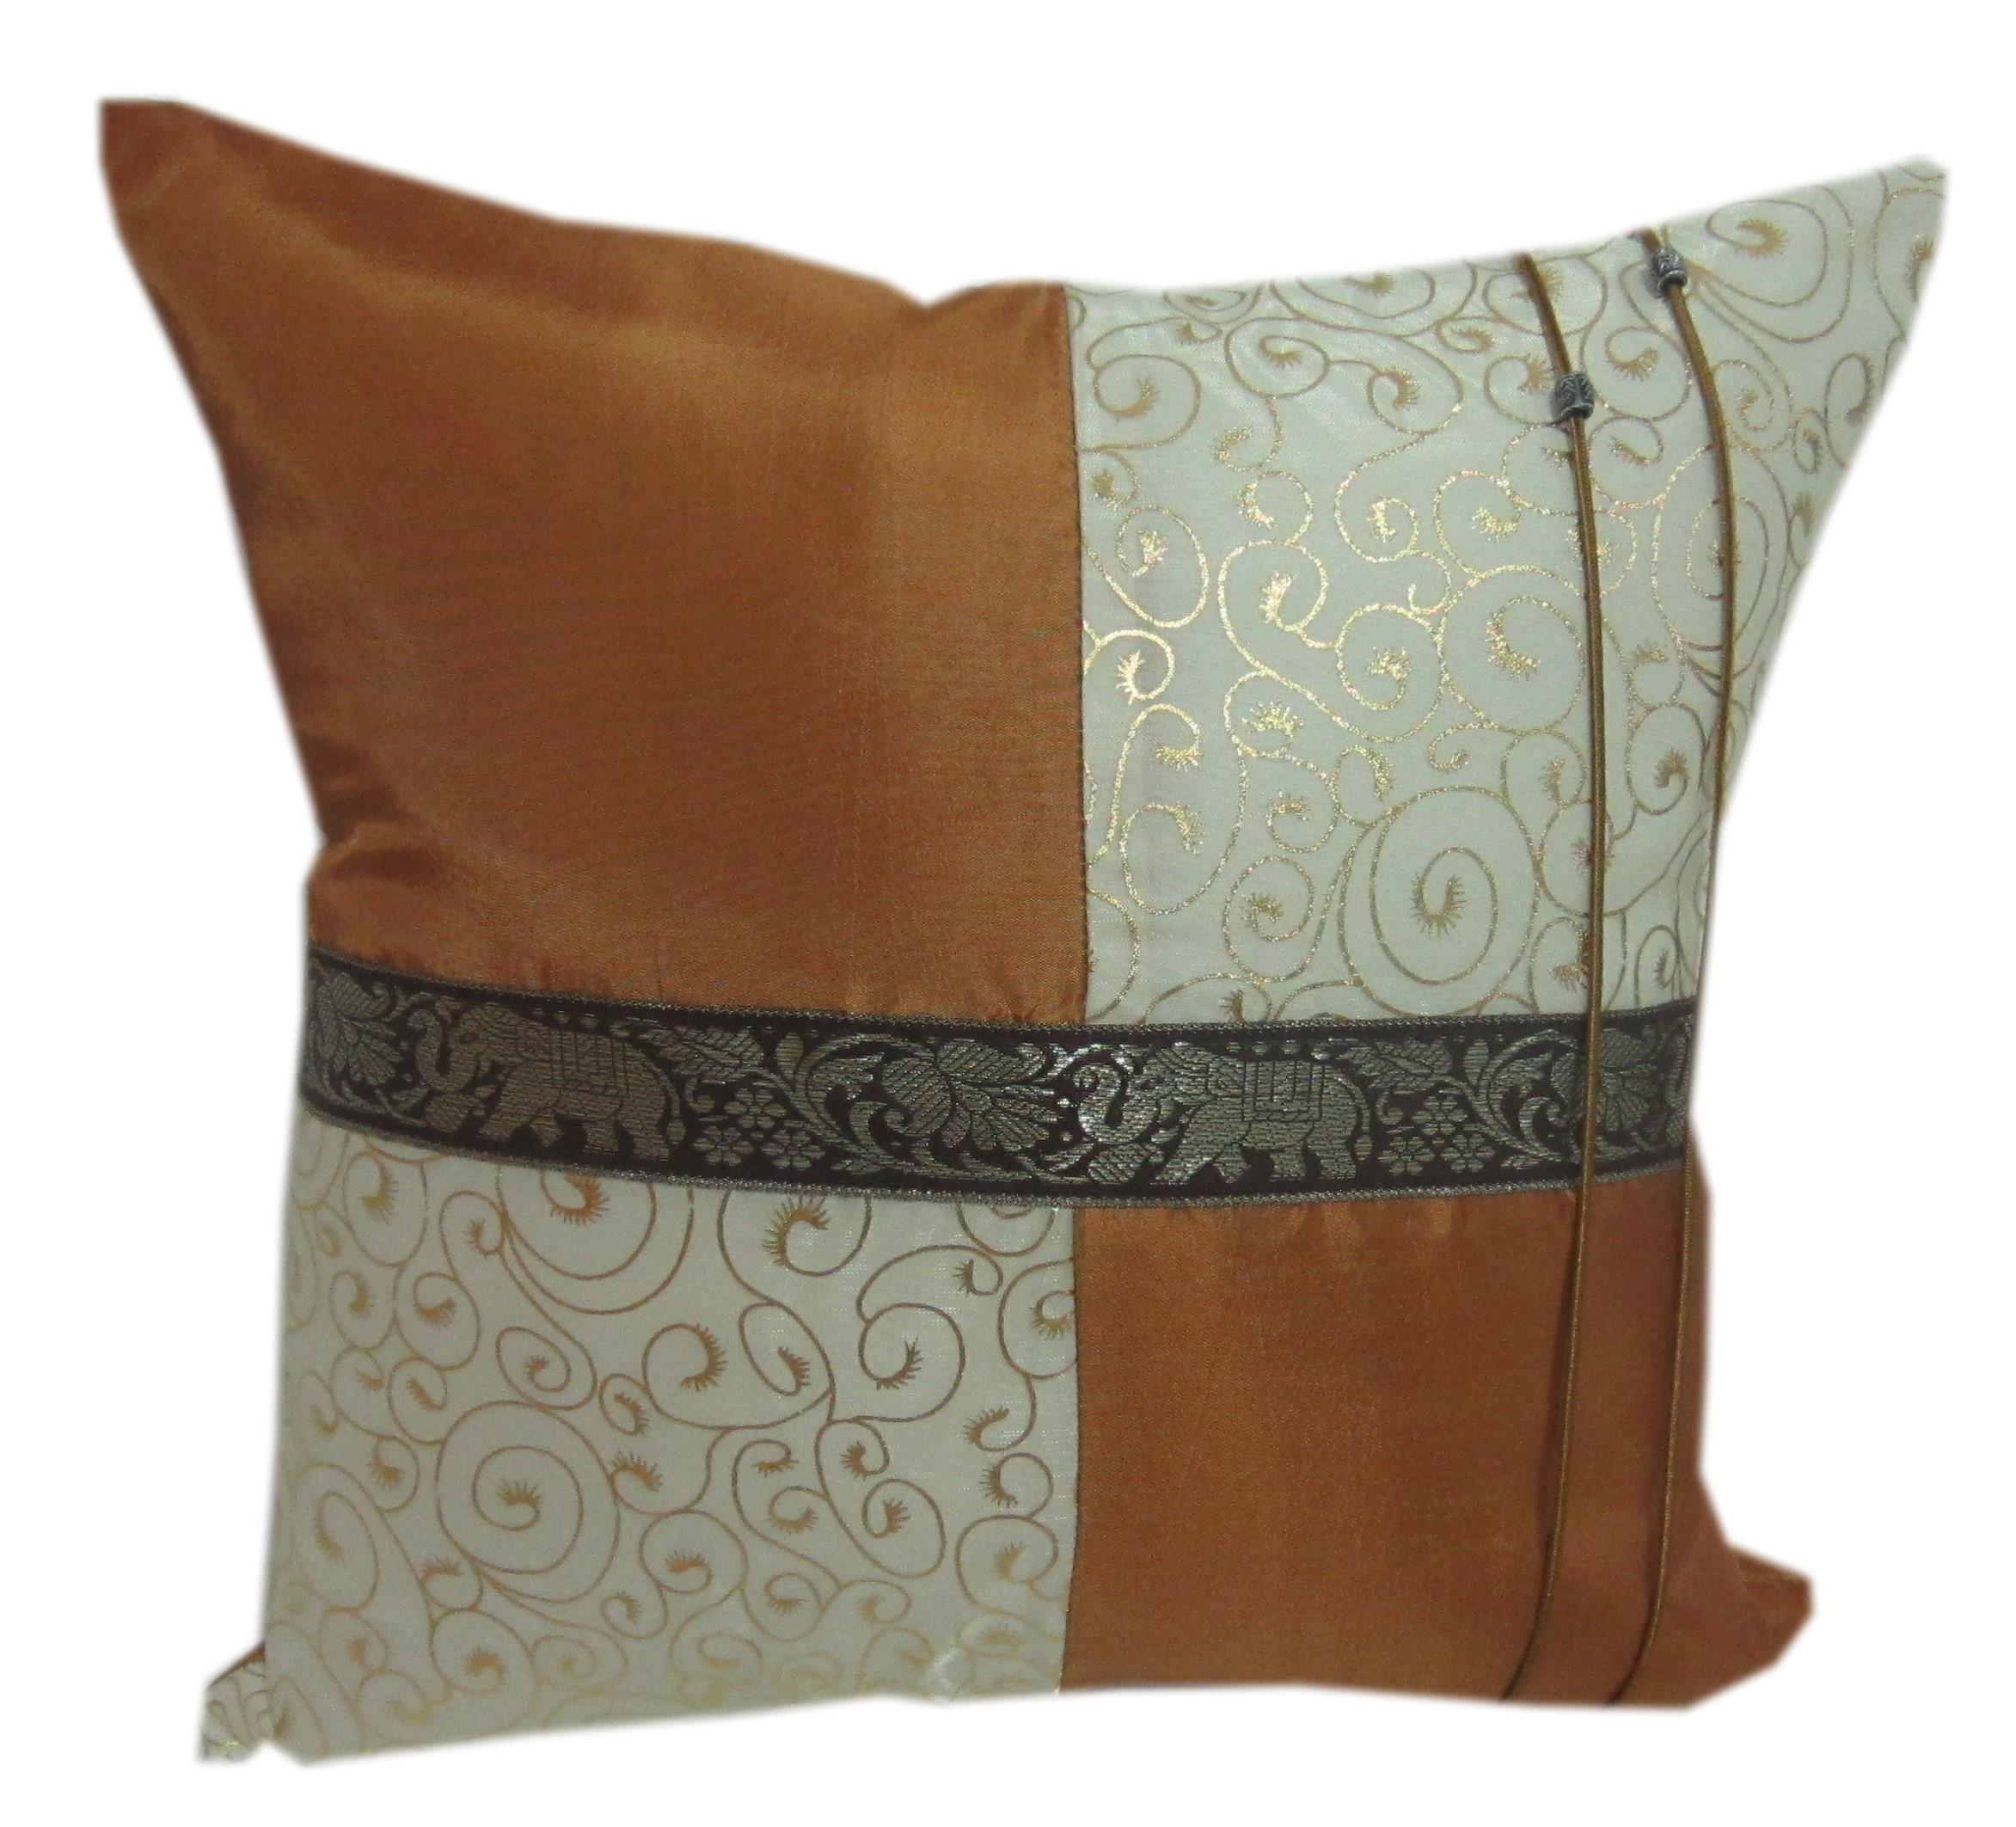 Cushion Pillow Case_1501